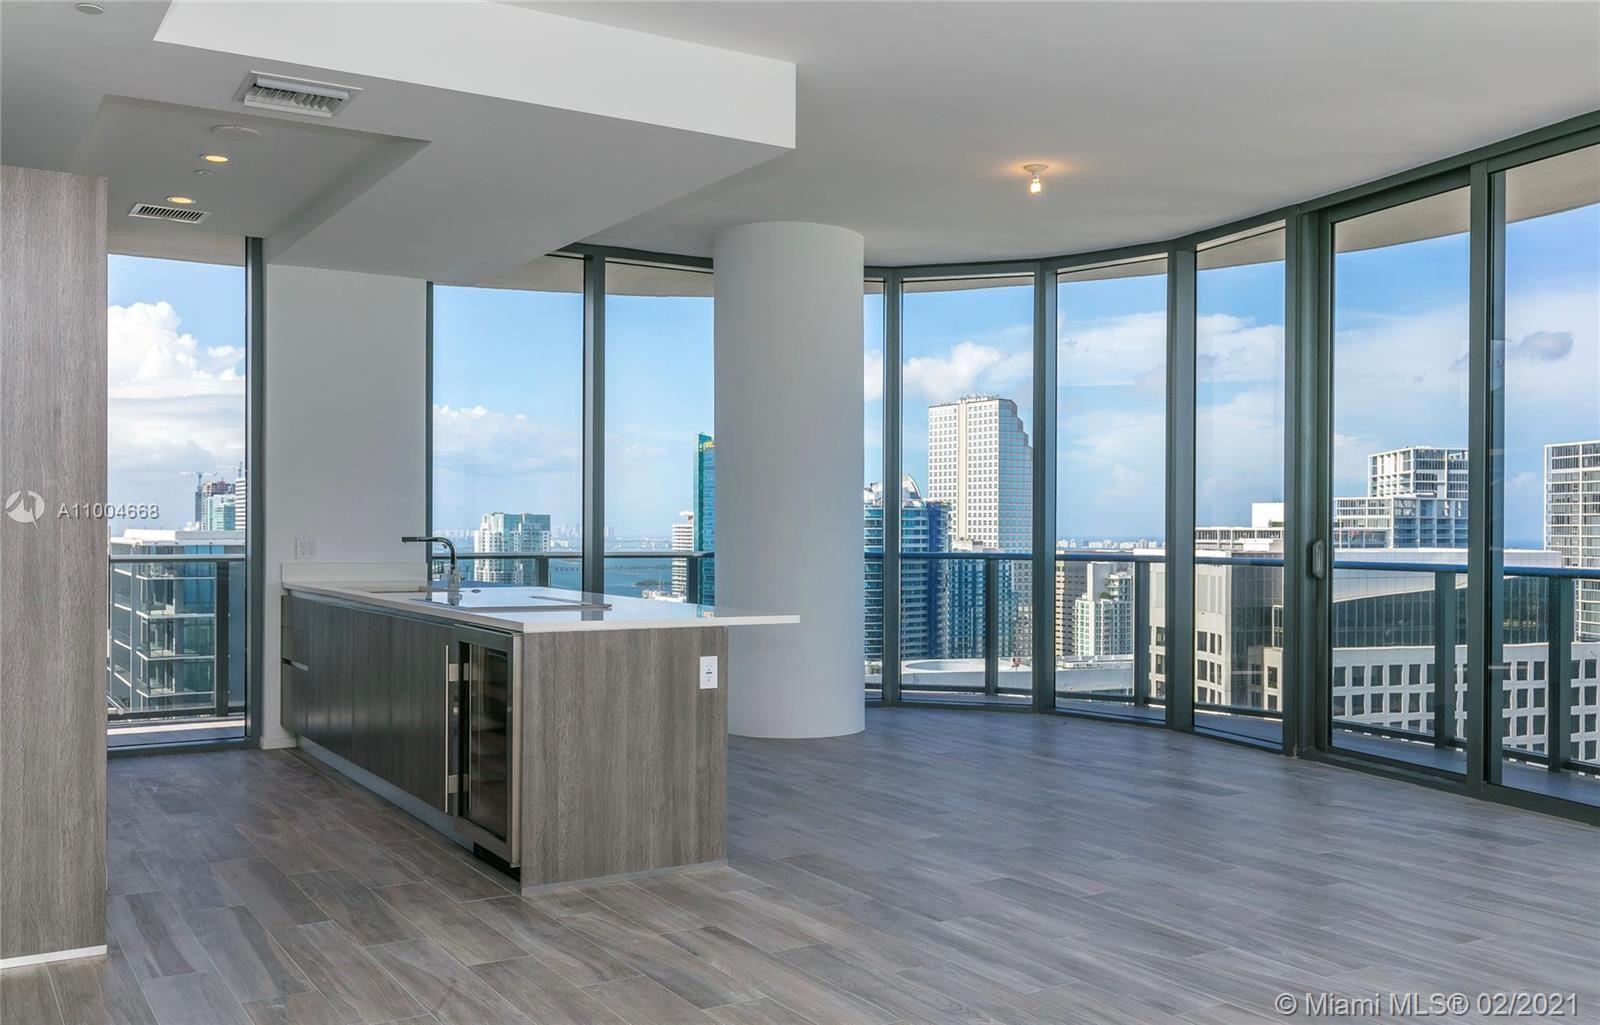 801 S Miami Ave #5105, Miami, FL 33130 - #: A11004668